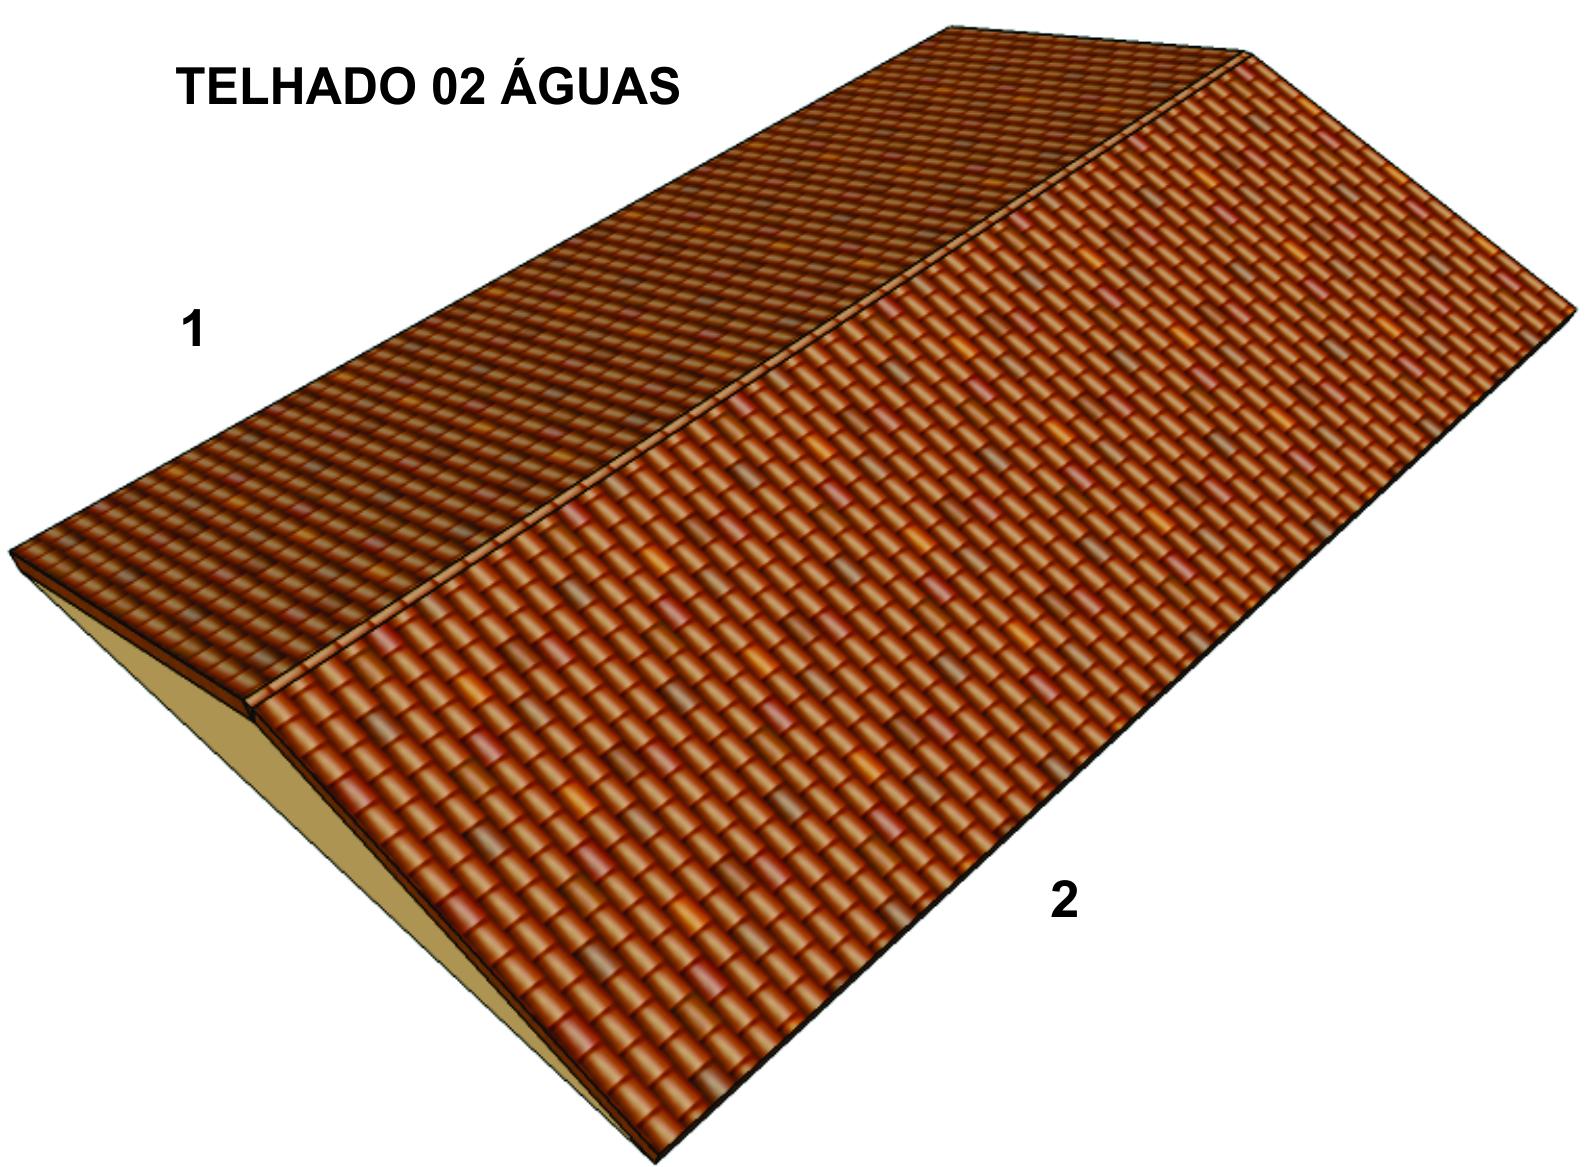 Telhado 03 águas: a chuva que cai sobre o telhado corre para três  #A45027 1595x1167